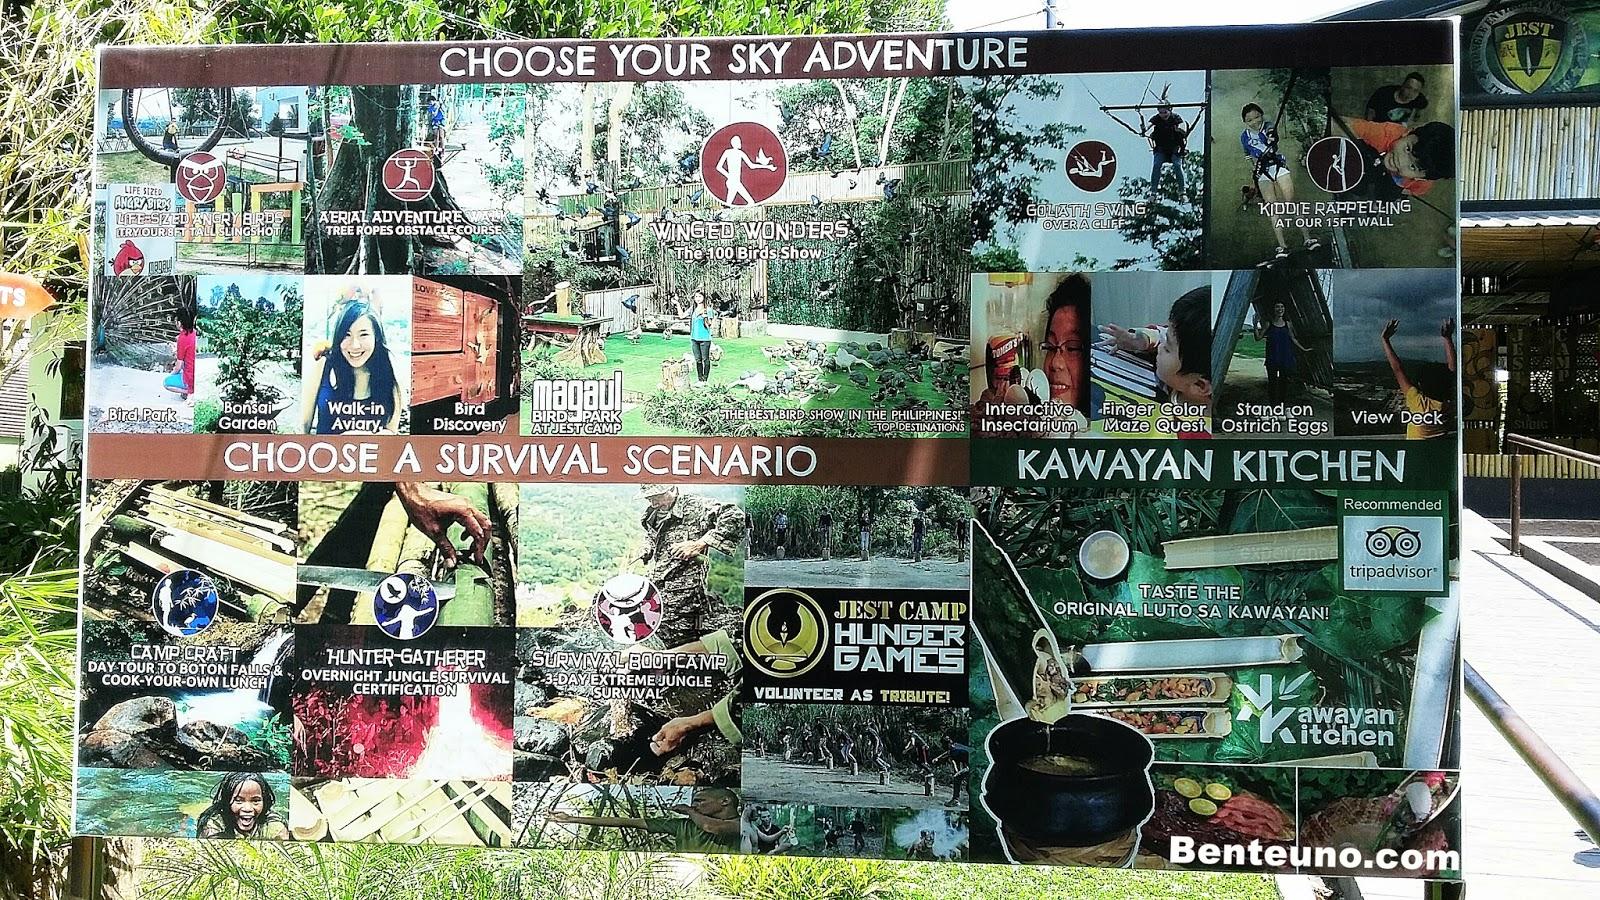 JEST Camp Subic; Benteuno.com